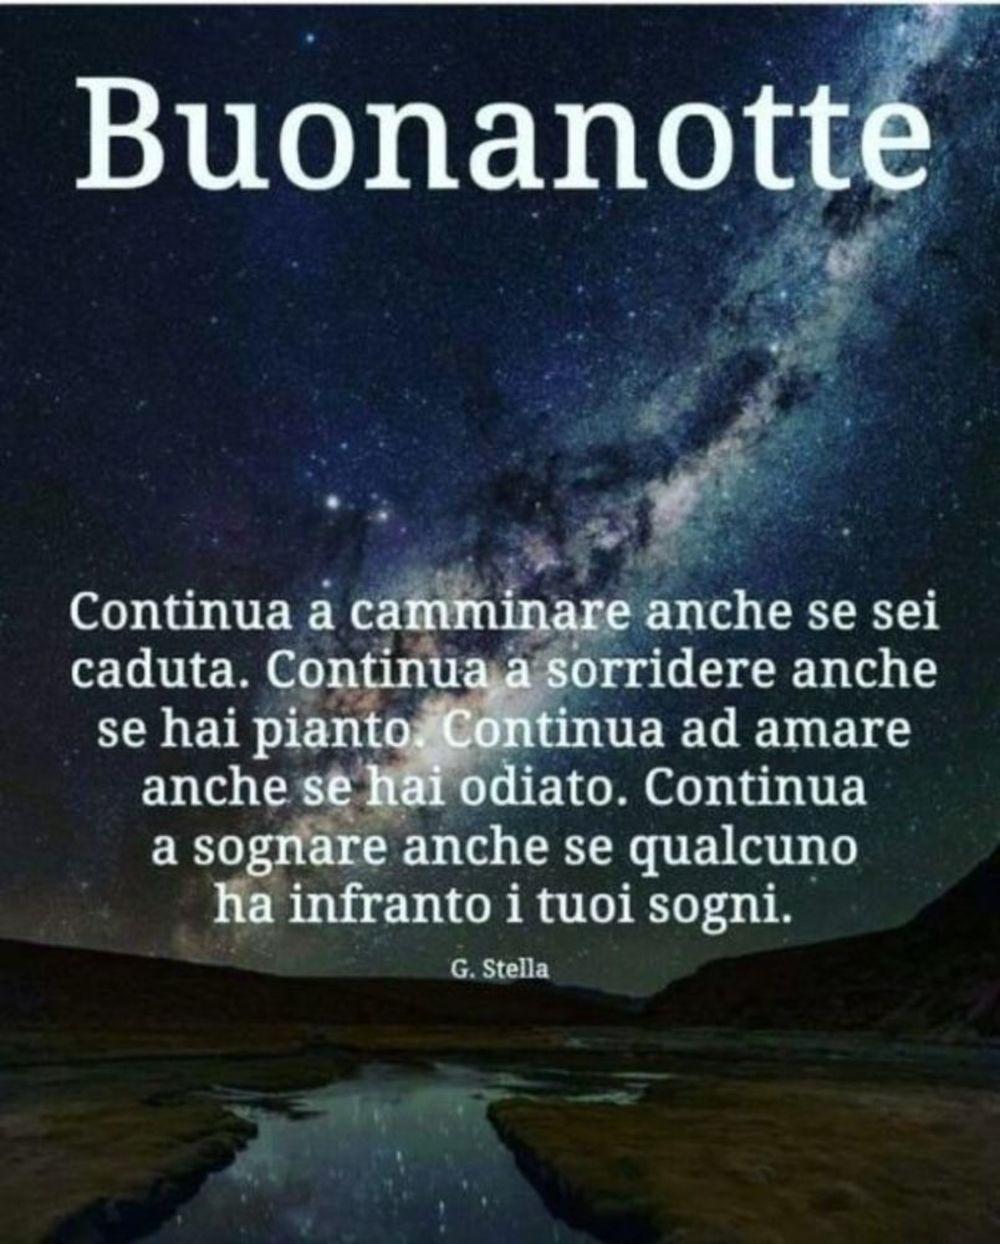 1463 Immagini E Frasi Di Buonanotte Pagina 135